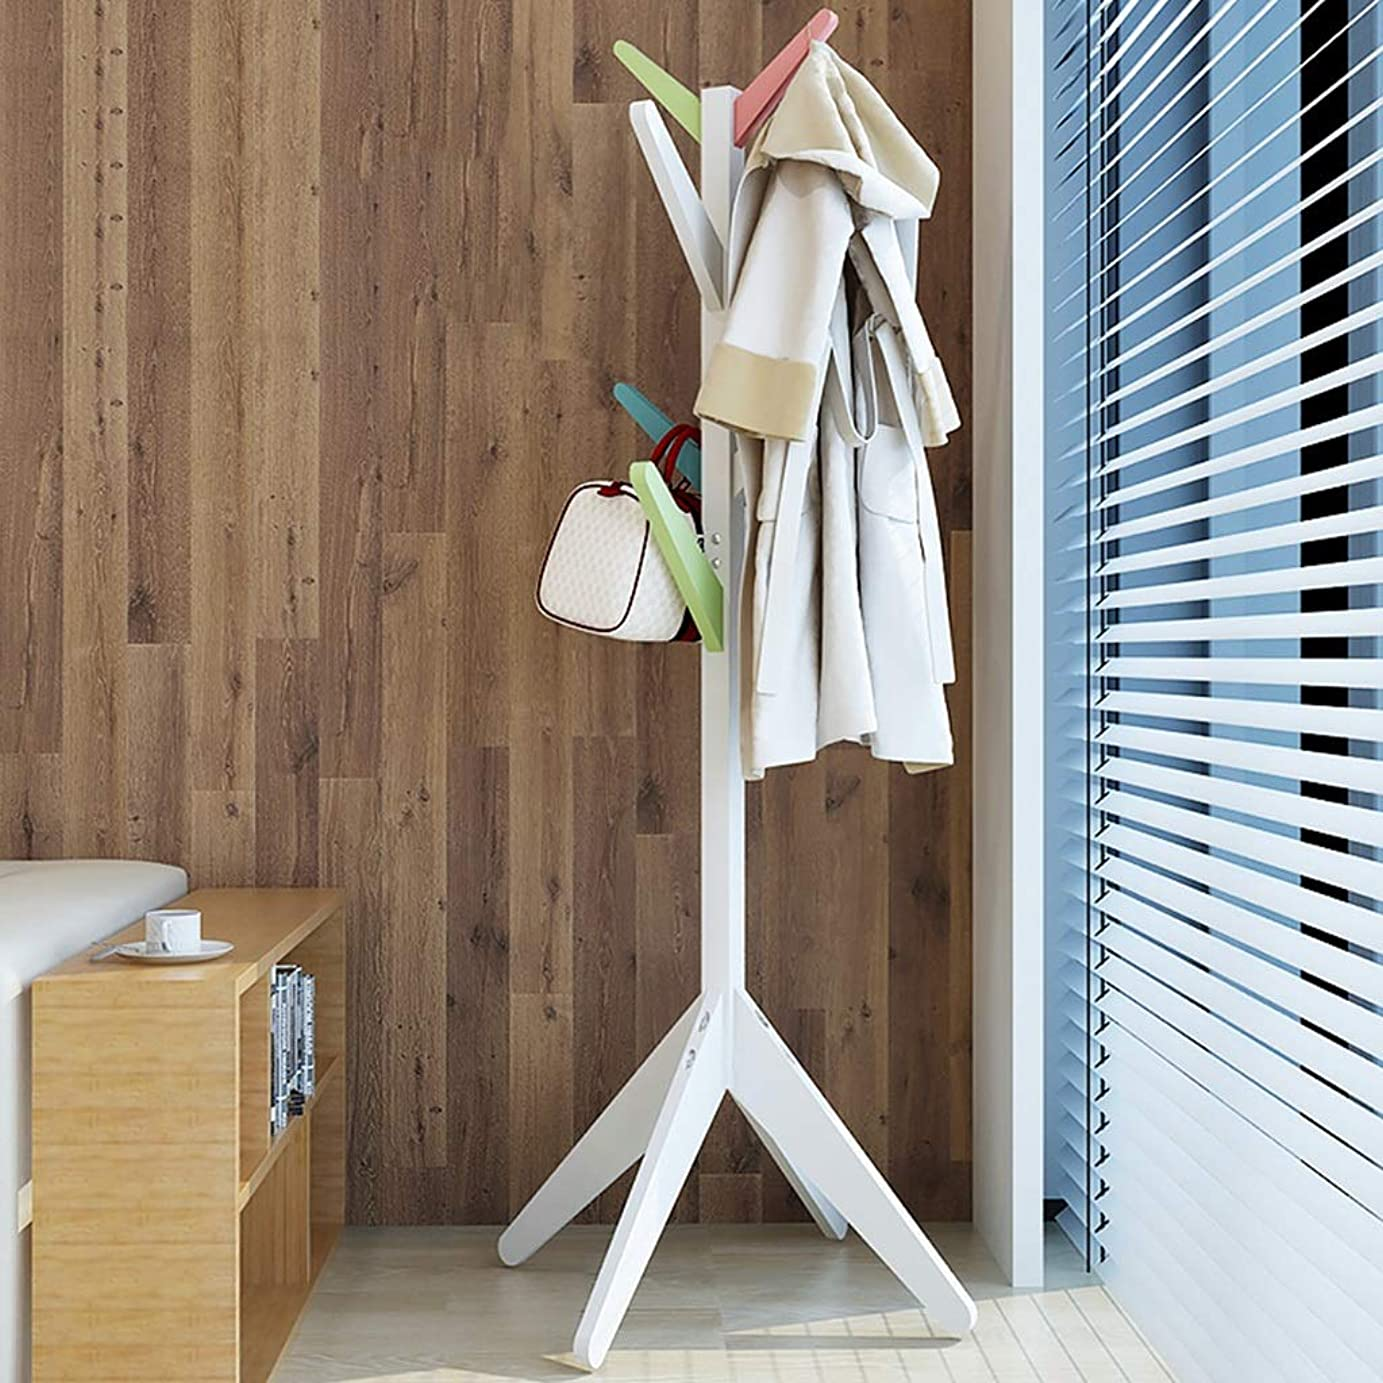 効果的反対に興味純木アセンブリ取り外し可能なハンガーコートラックフロアツリースタンド8フック帽子服スタンド用ホーム廊下乾燥 (Color : B)